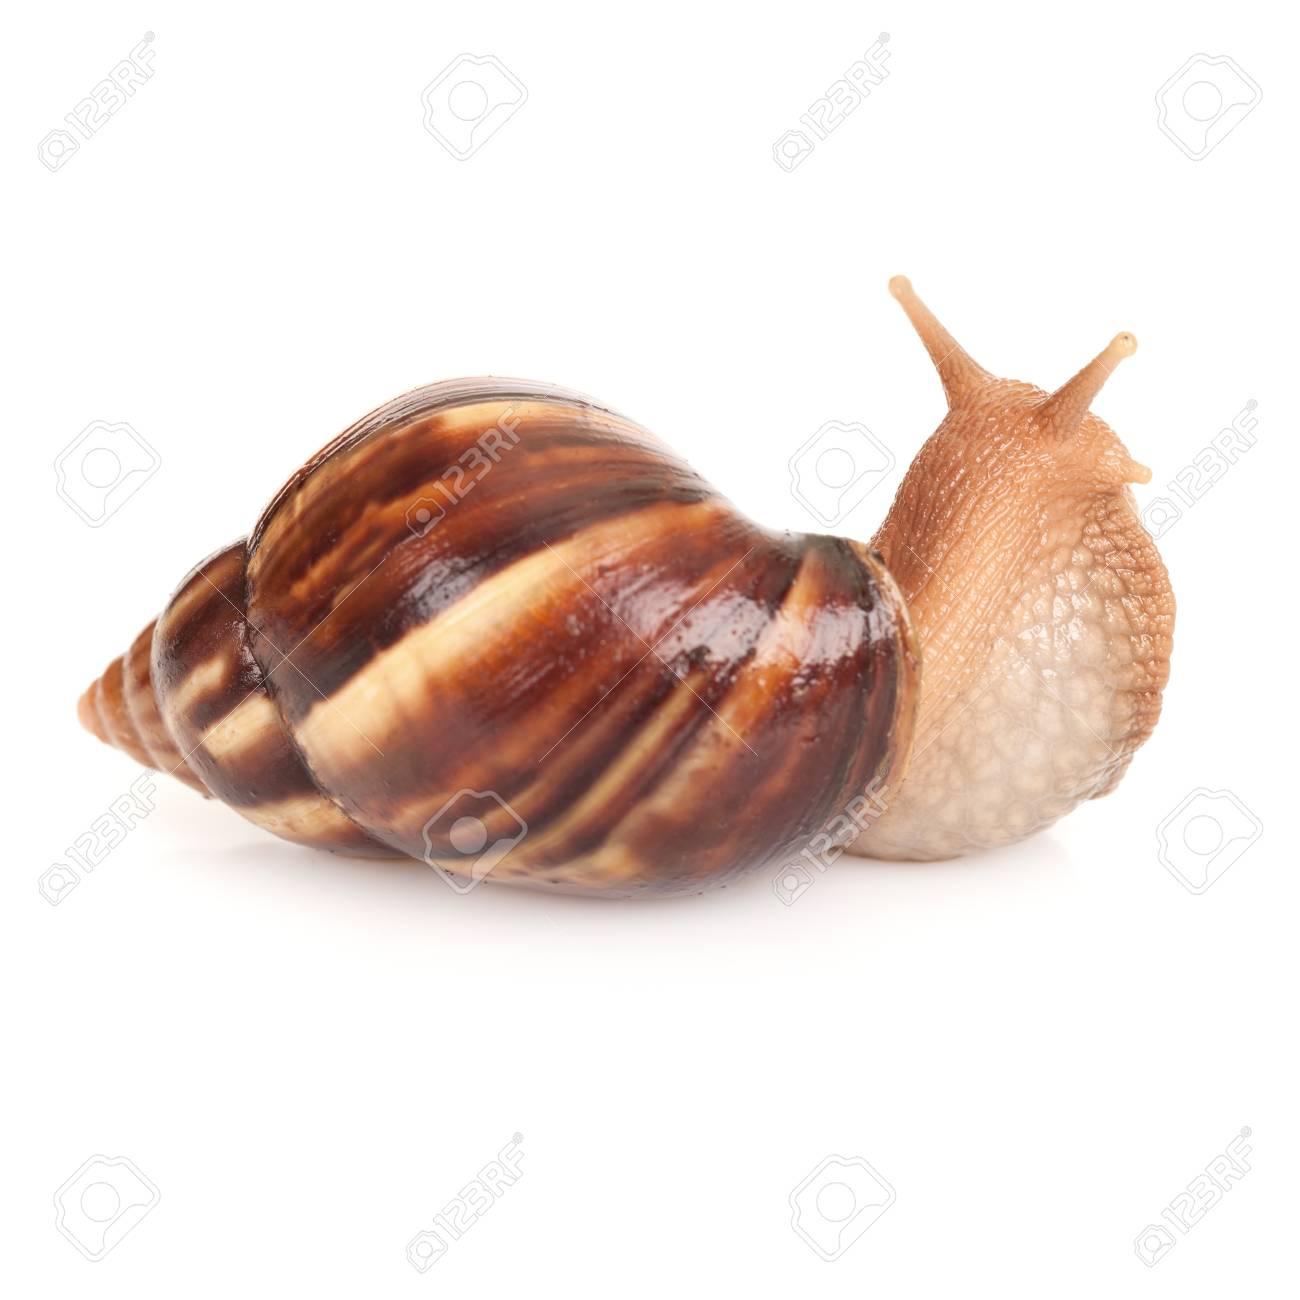 Big brown snail on white background, macro photo Stock Photo - 17840752